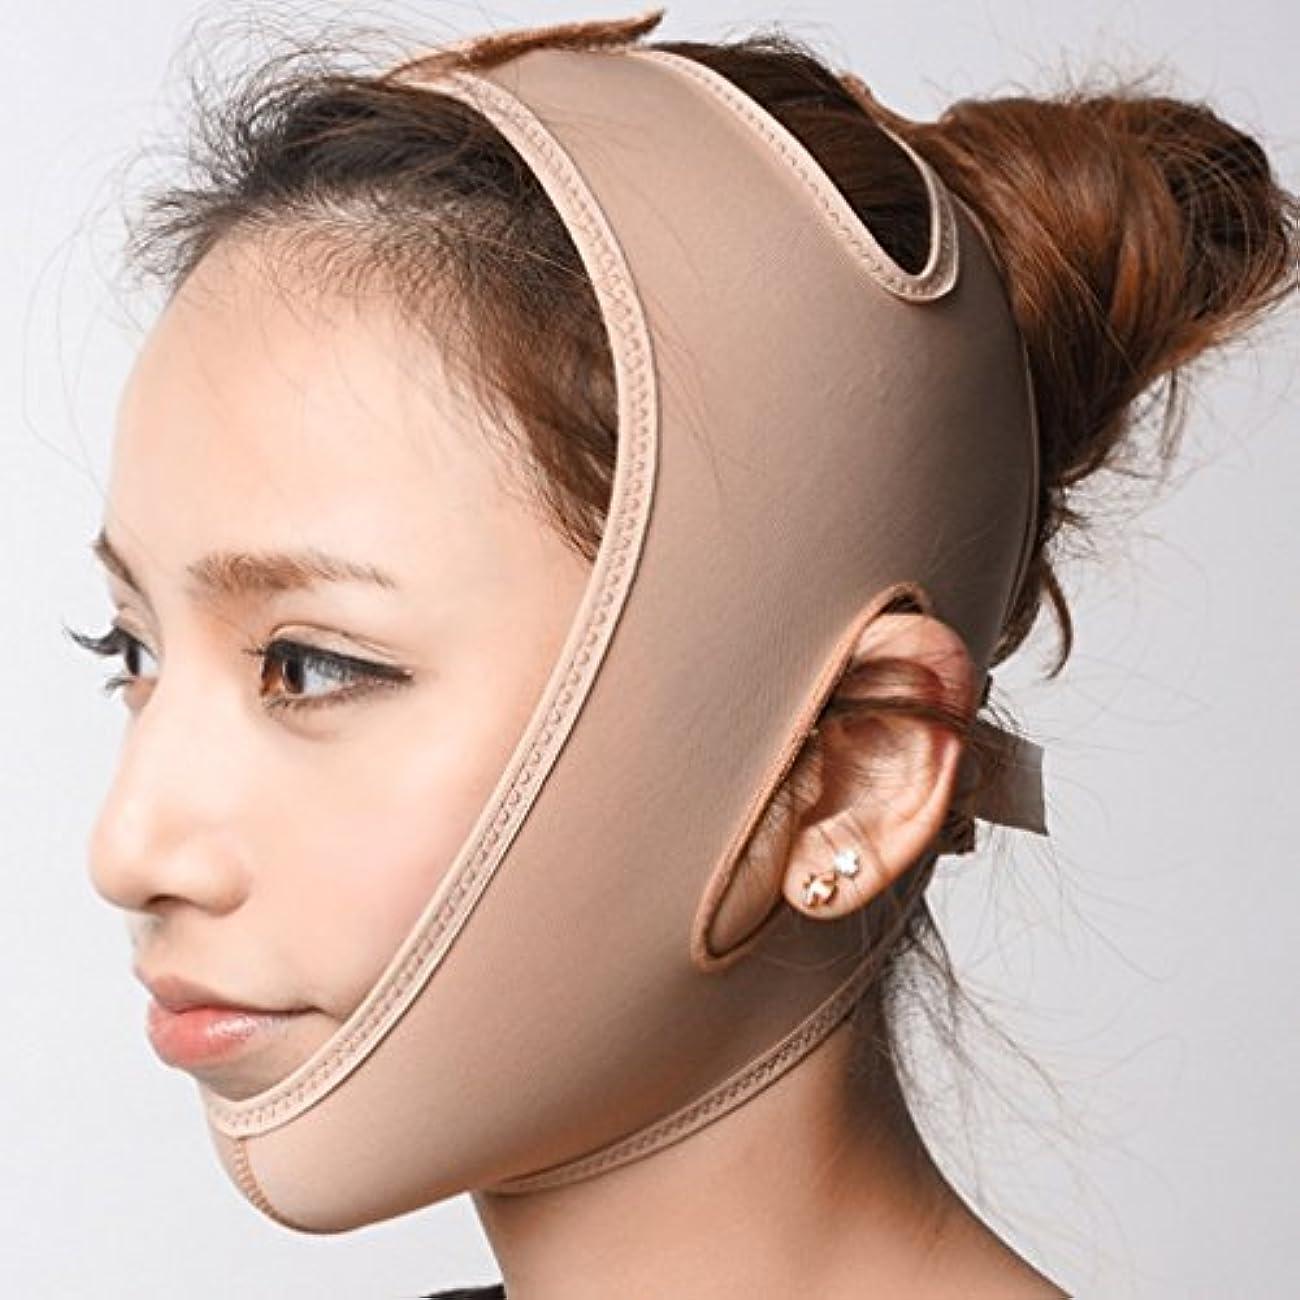 高齢者改修スライムフェイスマスク 引き上げマスク フェイスラインベルト 小顔マスク 小顔ベルト 頬のたるみ 美容顔マスク 矯正 顔痩せ 額、顎下、頬リフトアップ Mサイズ